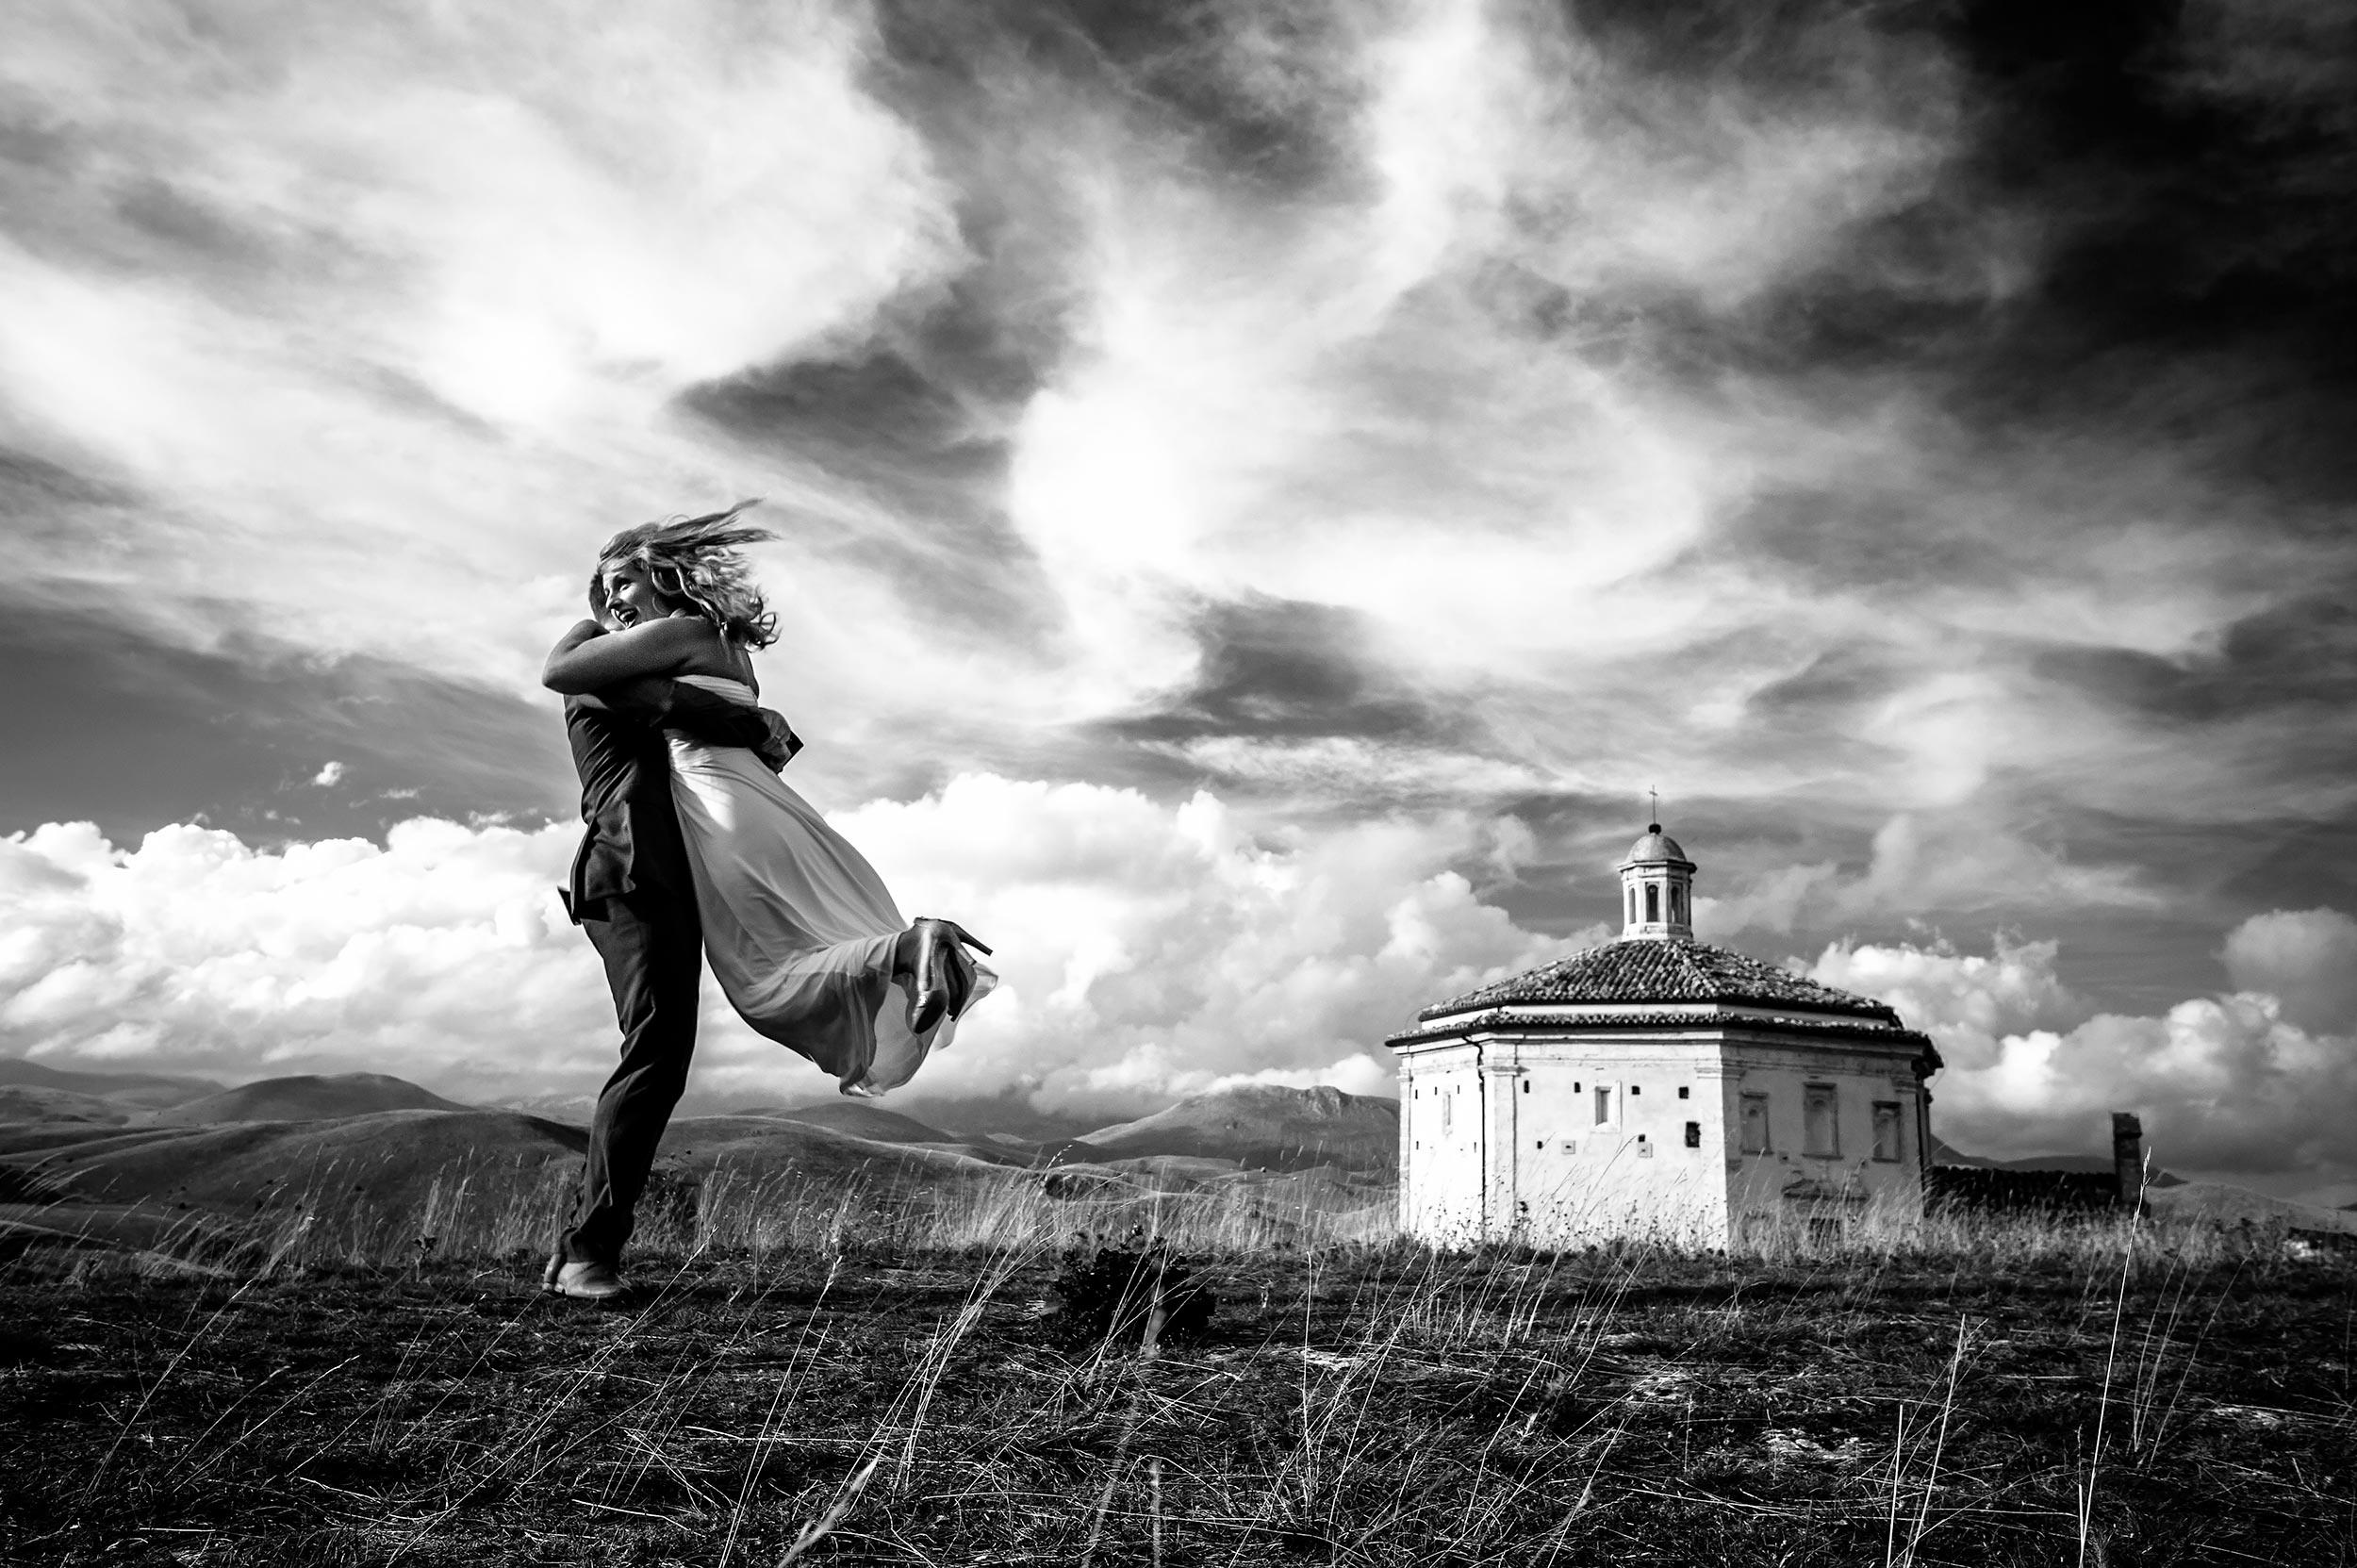 © Alessandro Avenali - Masters of Italian Wedding Photography, 2016